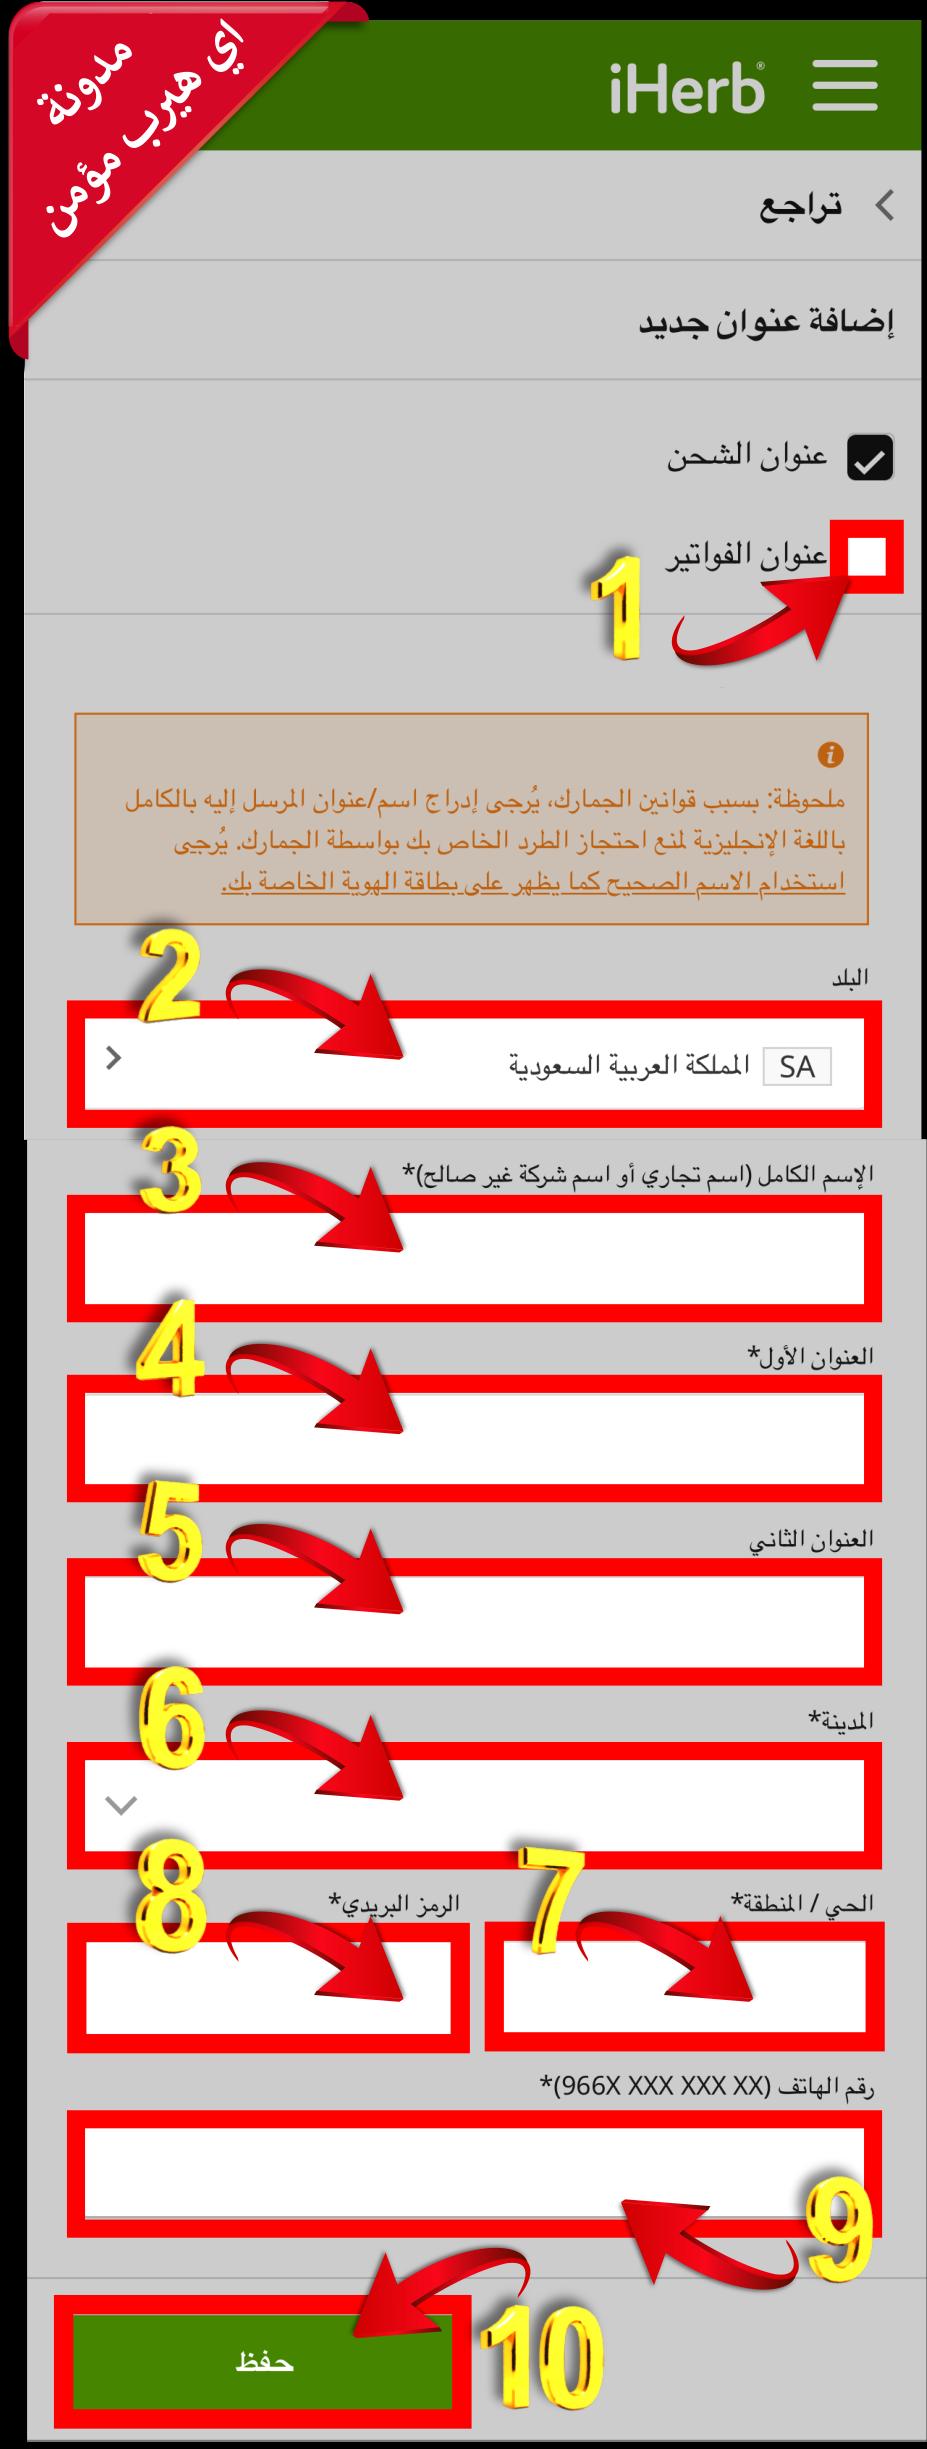 13-طريقة إدخال بيانات عنوانك على اي هيرب